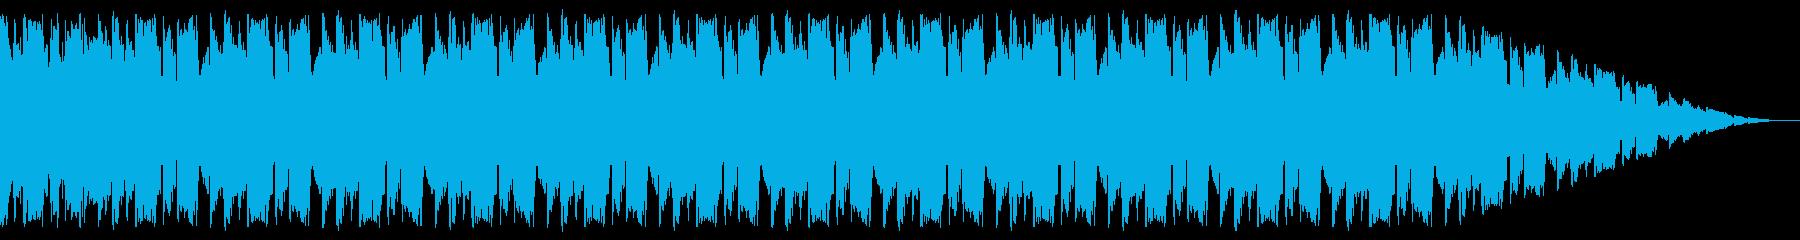 ギター・ベースのユニゾンが軽快なインストの再生済みの波形